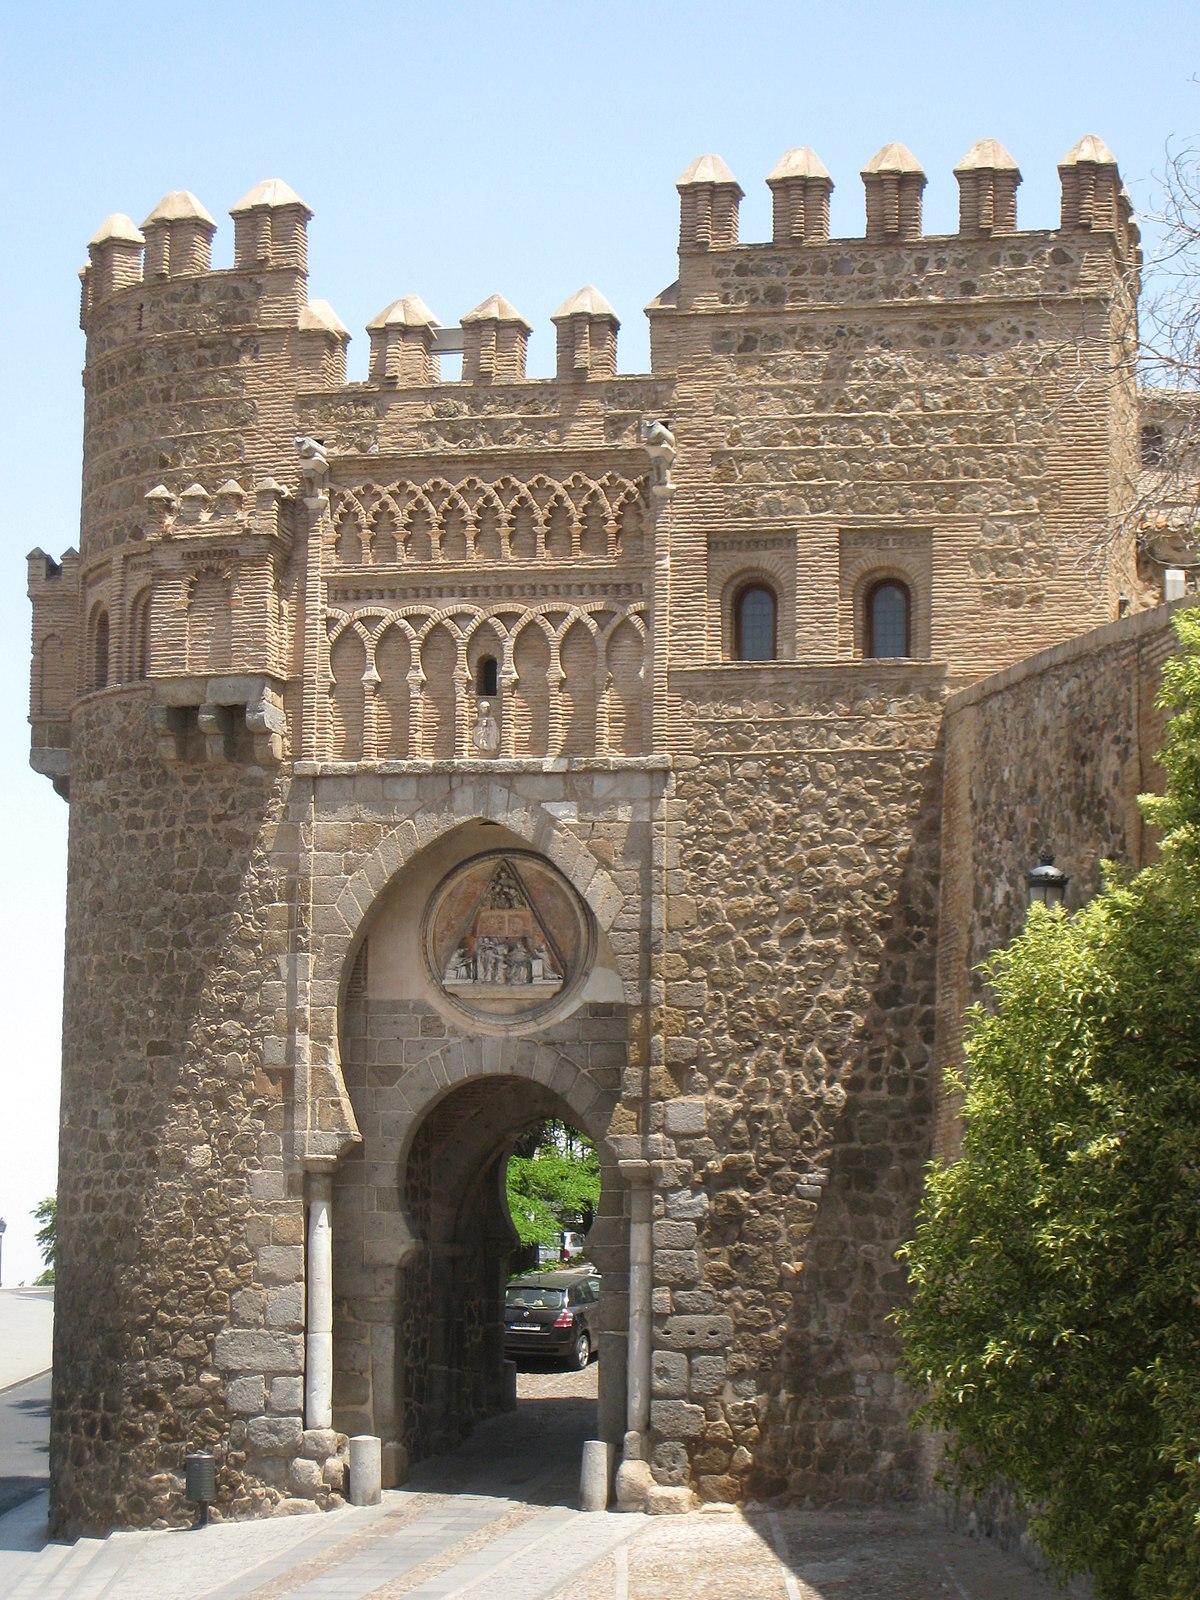 Puerta del sol toledo wikipedia la enciclopedia libre for Puerta del sol